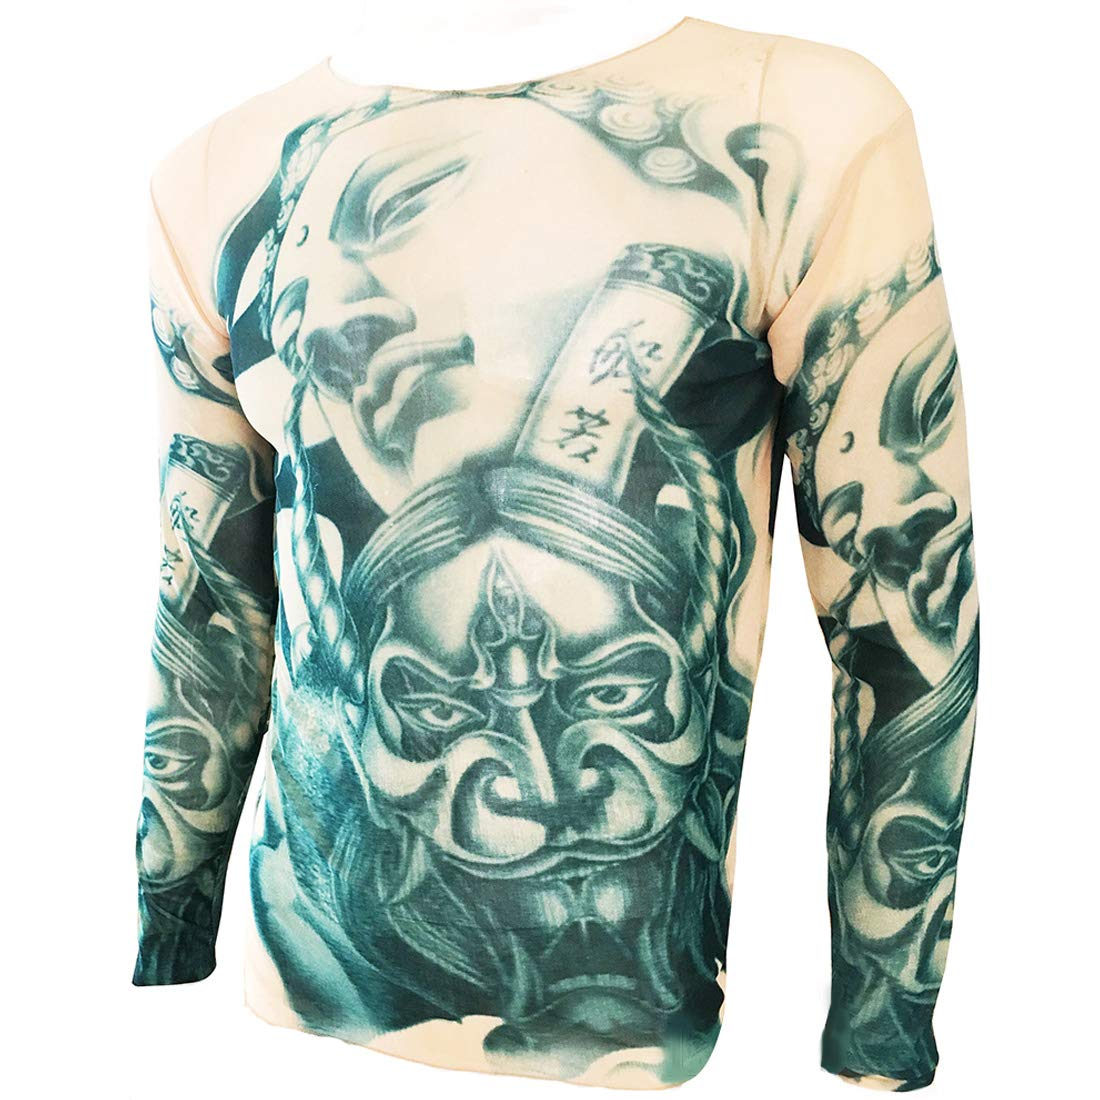 OMAS Diablo Estatua Tatuaje Deporte Camiseta Tatuaje Ciclista ...